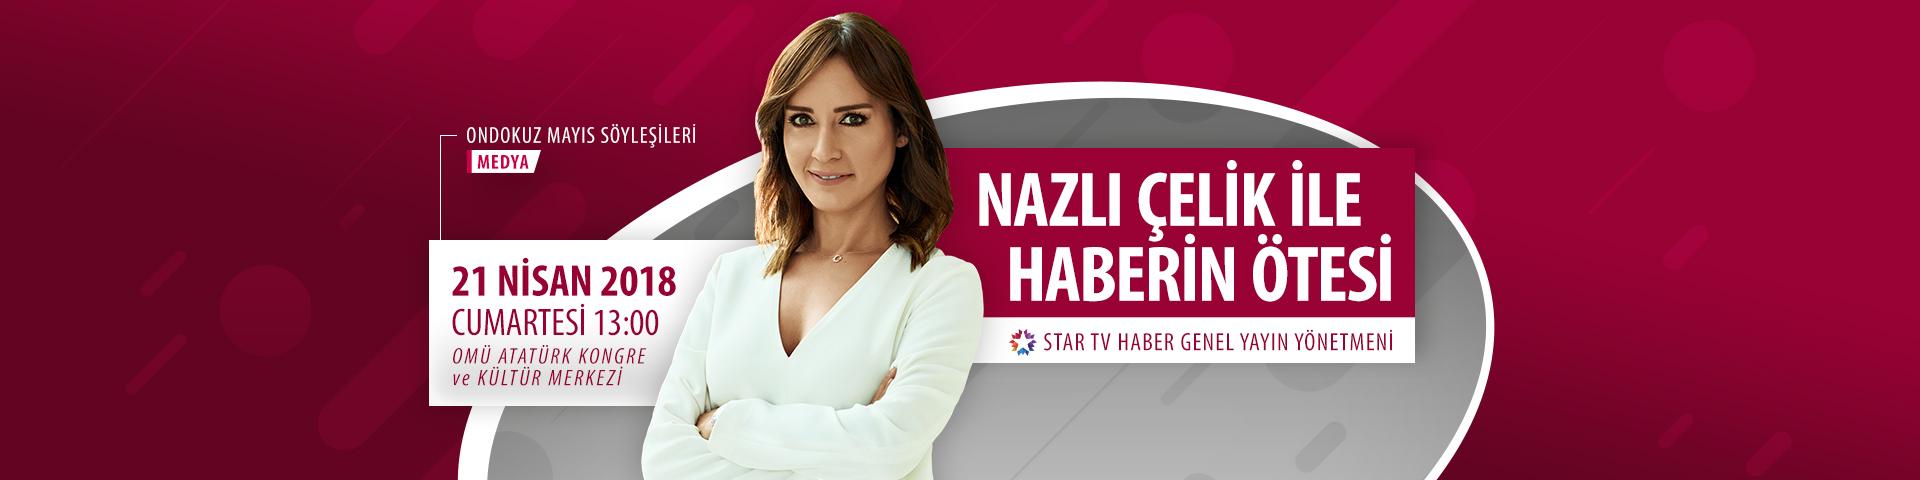 http://www.omu.edu.tr/sites/default/files/files/unlu_haberci_nazli_celik_cumartesi_gunu_omuye_geliyor/nazlicelik-slider.jpg